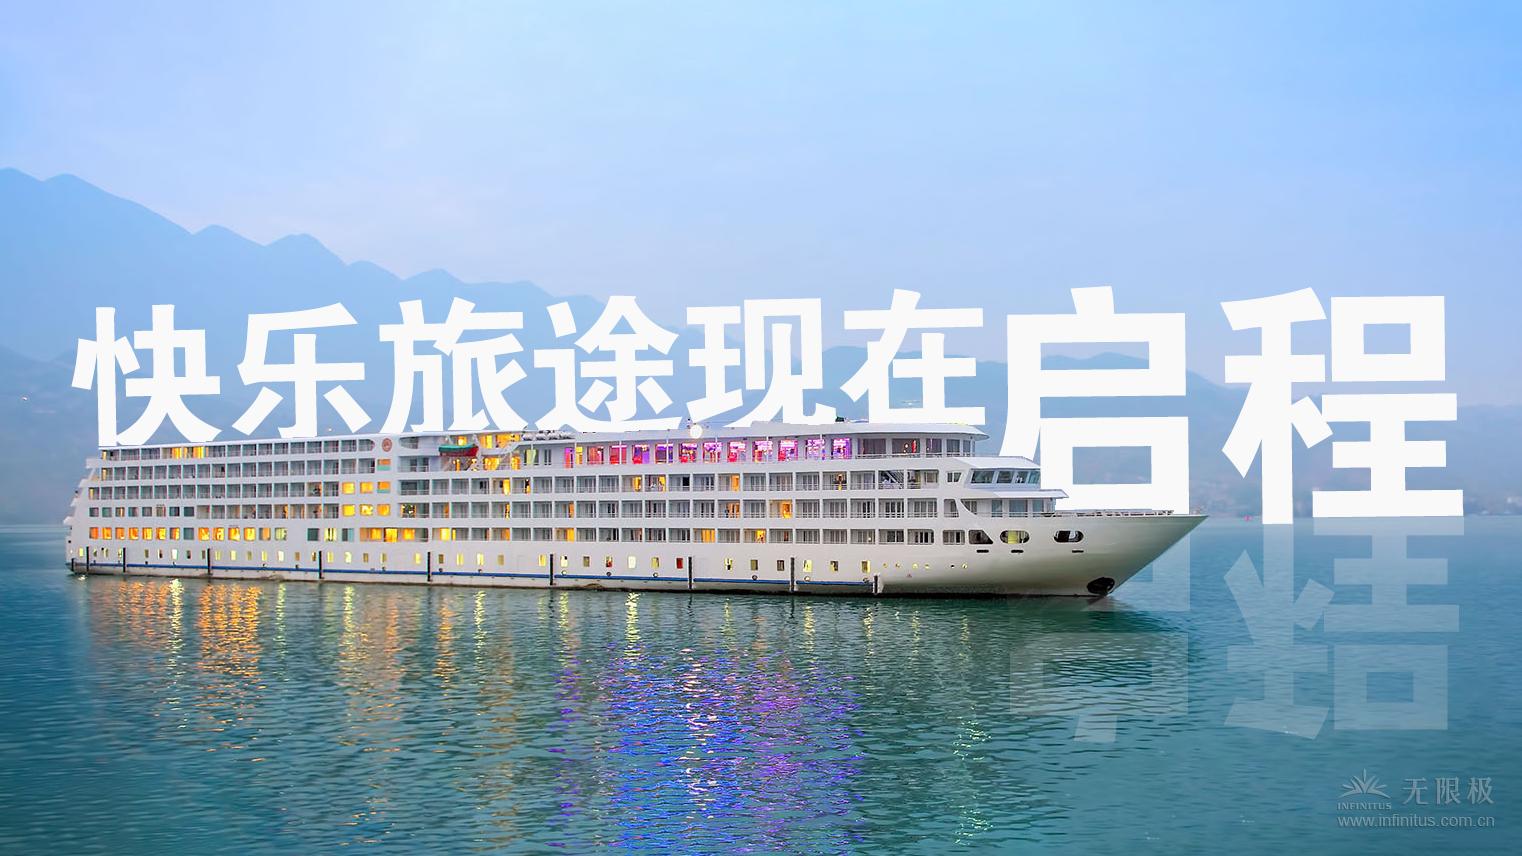 畅游长江三峡 无限极2021激扬之旅正式启航啦!